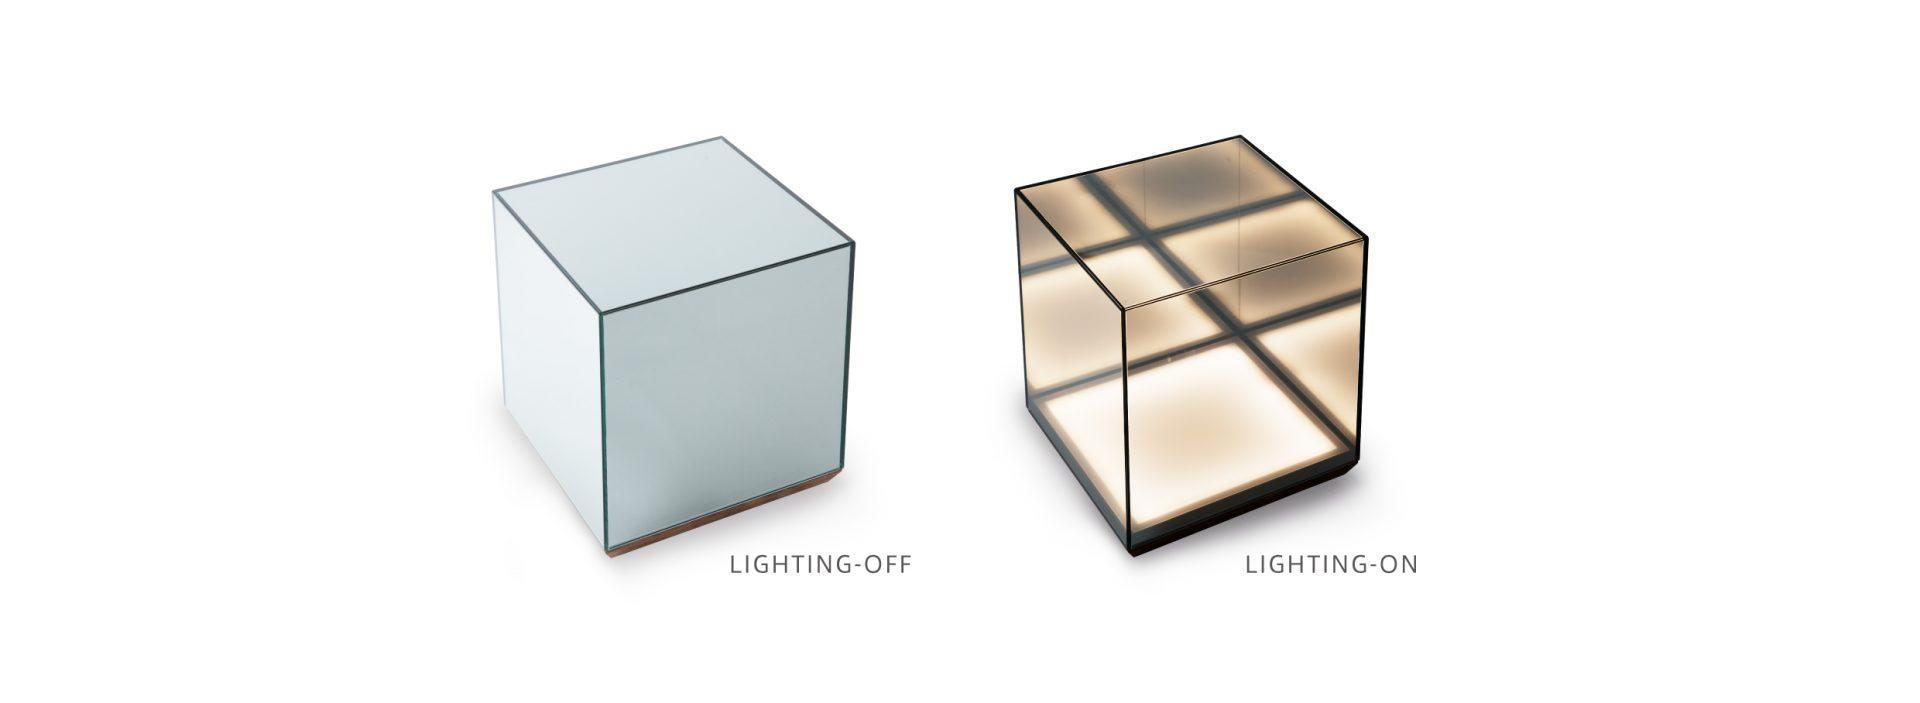 照明色は、3つからお選びいただけます。